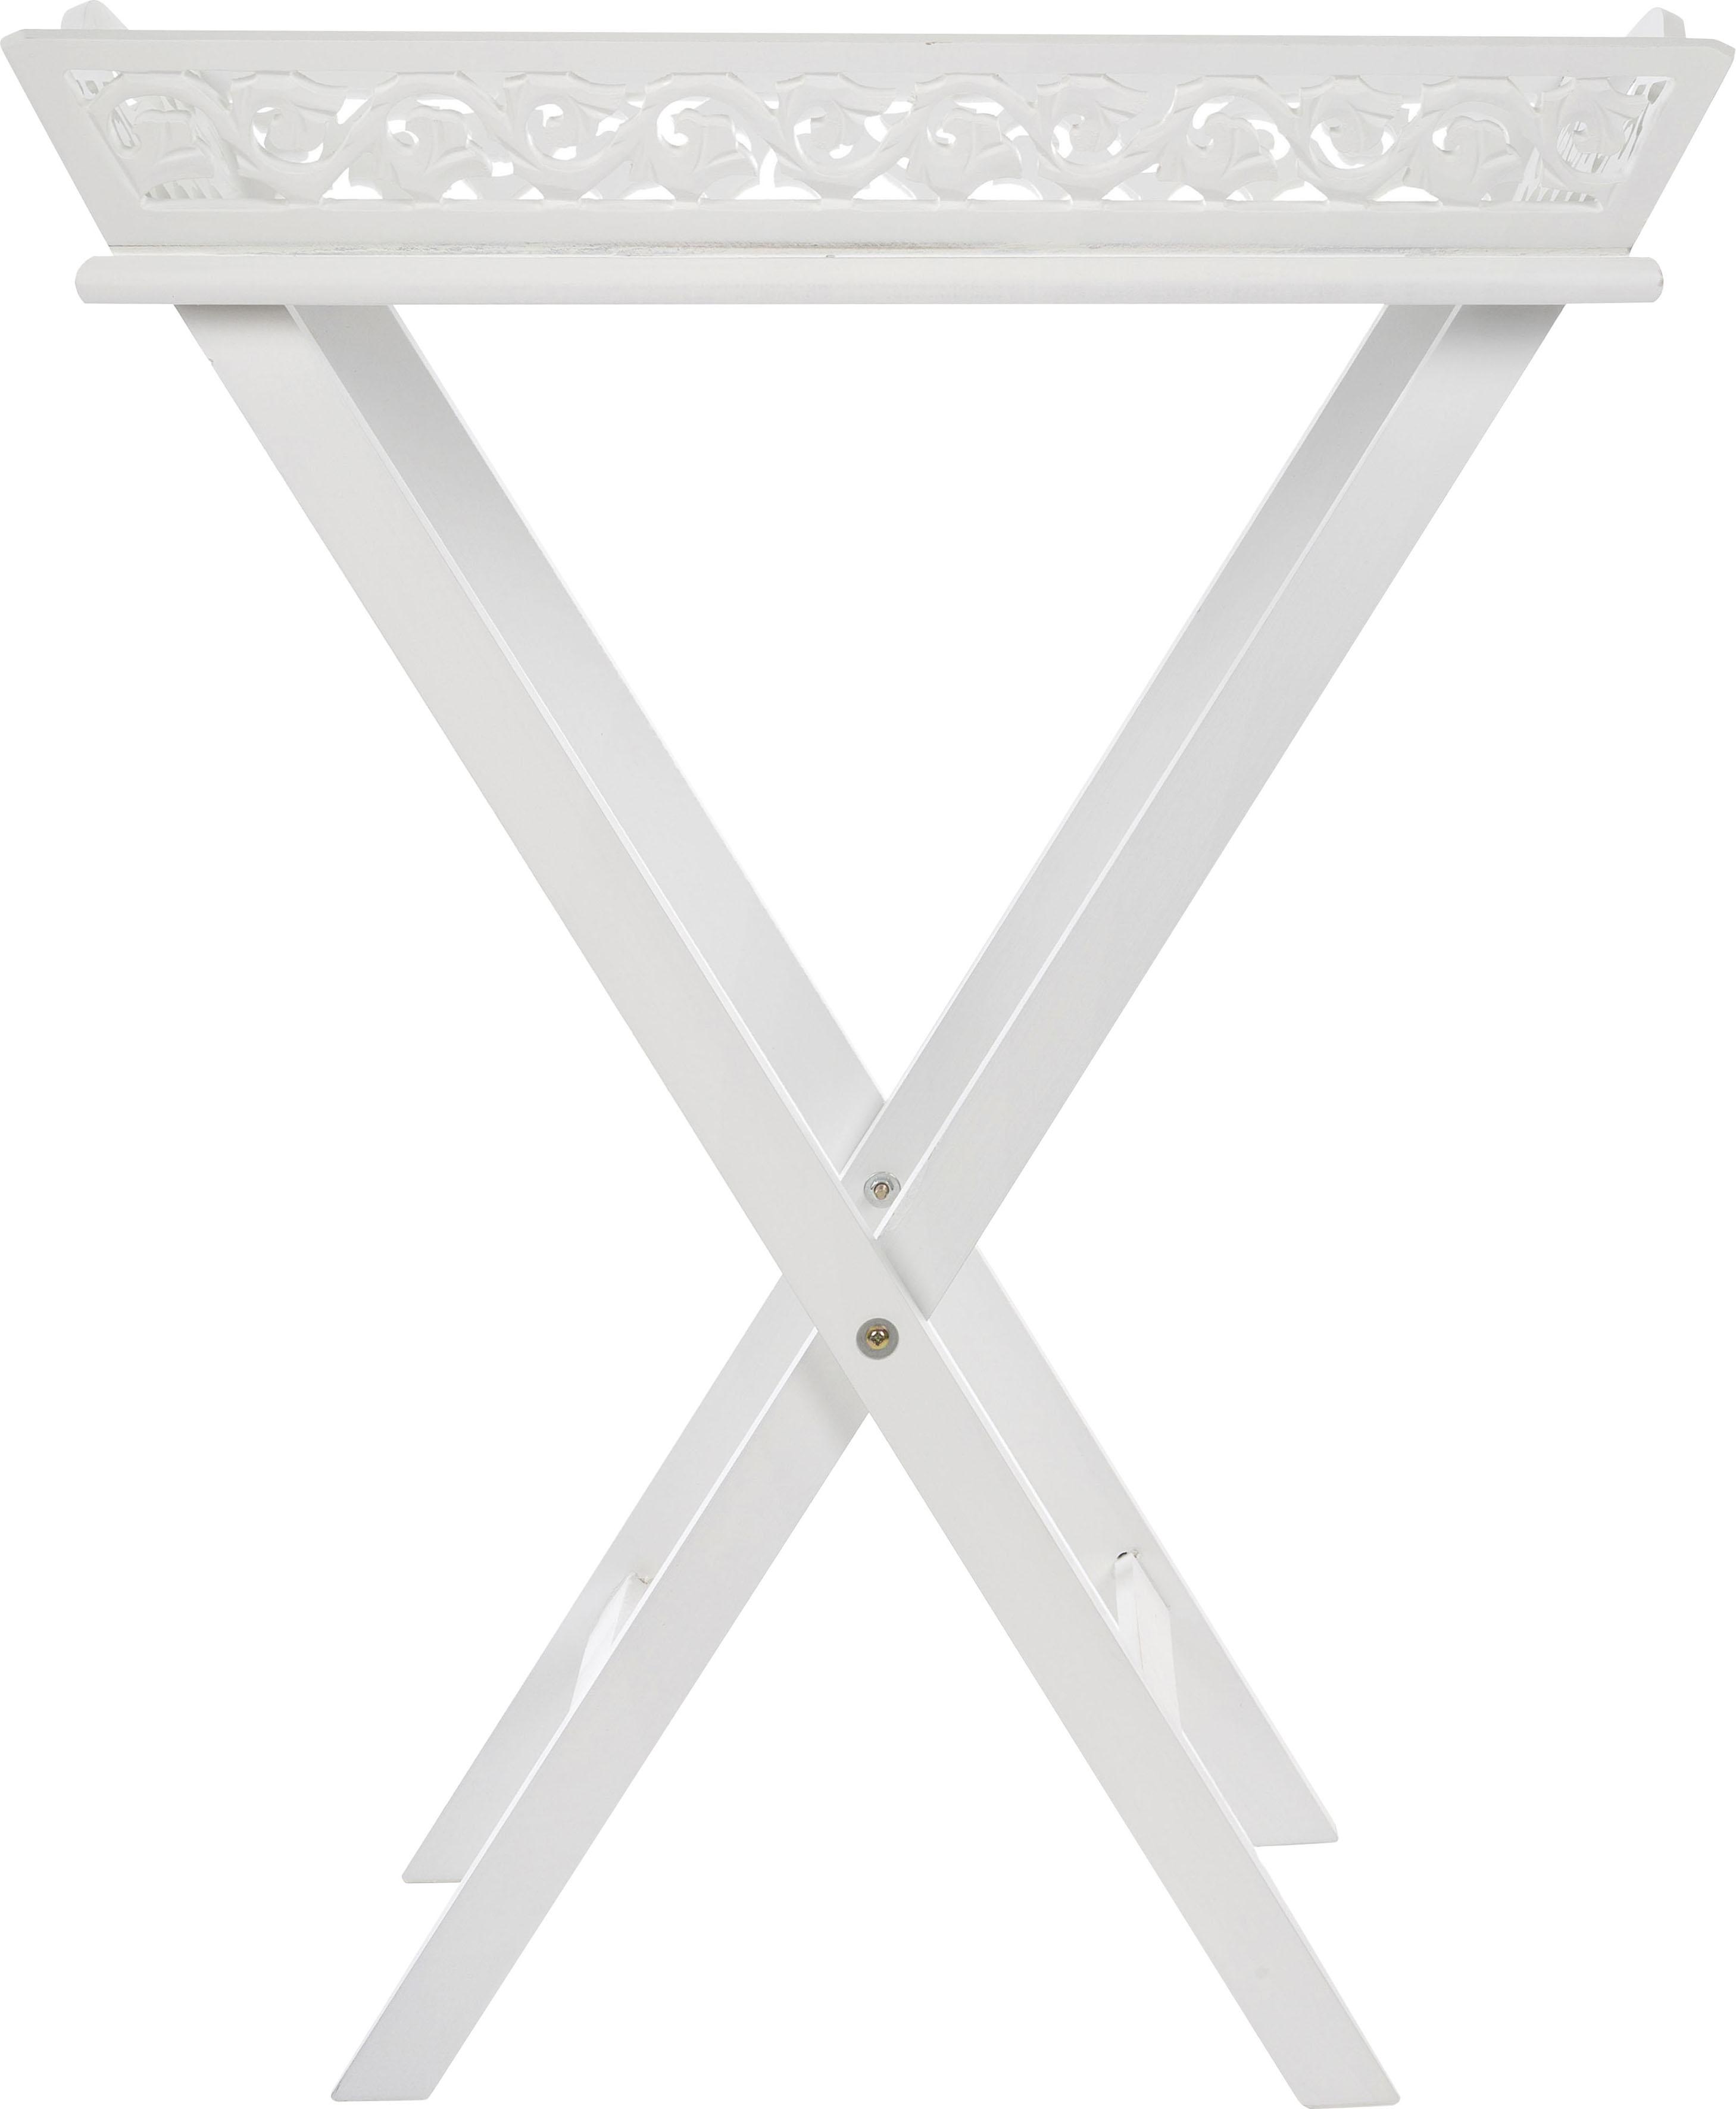 Beistelltisch Romantick, Serviertablett inkl. Gestell im Landhausstil gehalten weiß Beistelltische Tische